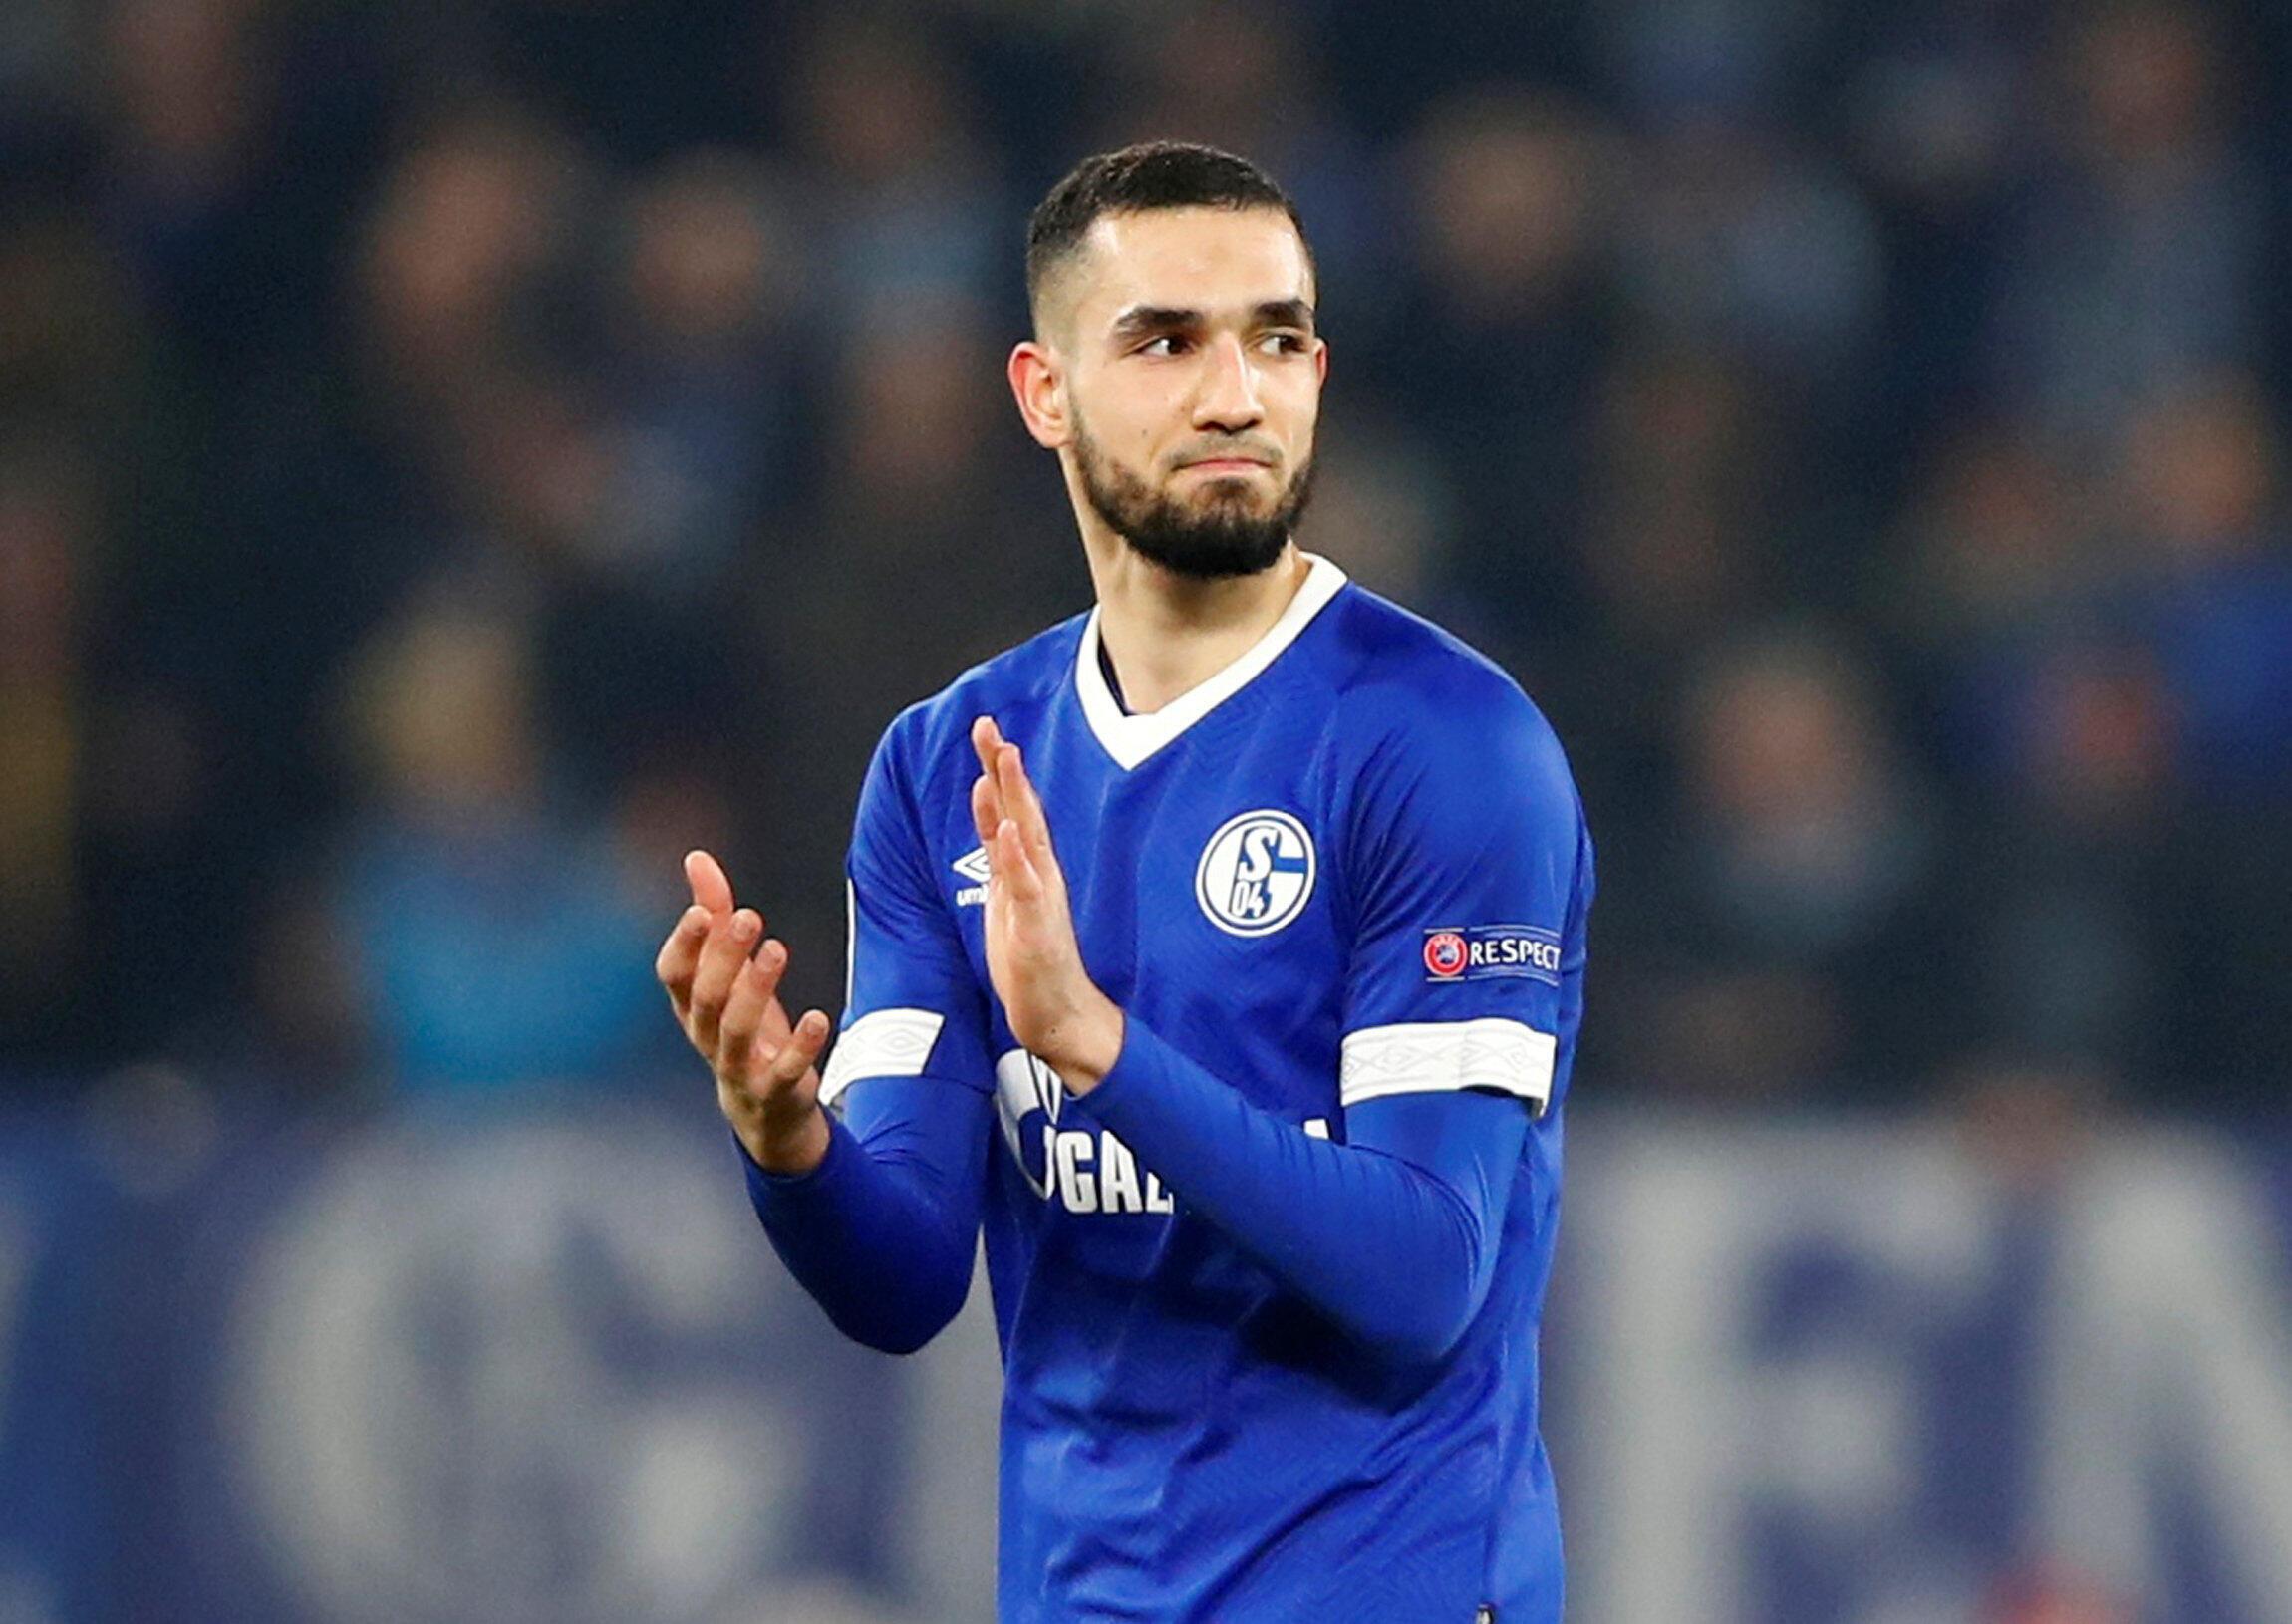 Nabil Bentaleb a inscrit les deux buts de Schalke 04, sur penalties, contre Manchester City en Ligue des champions le 20 février 2019.